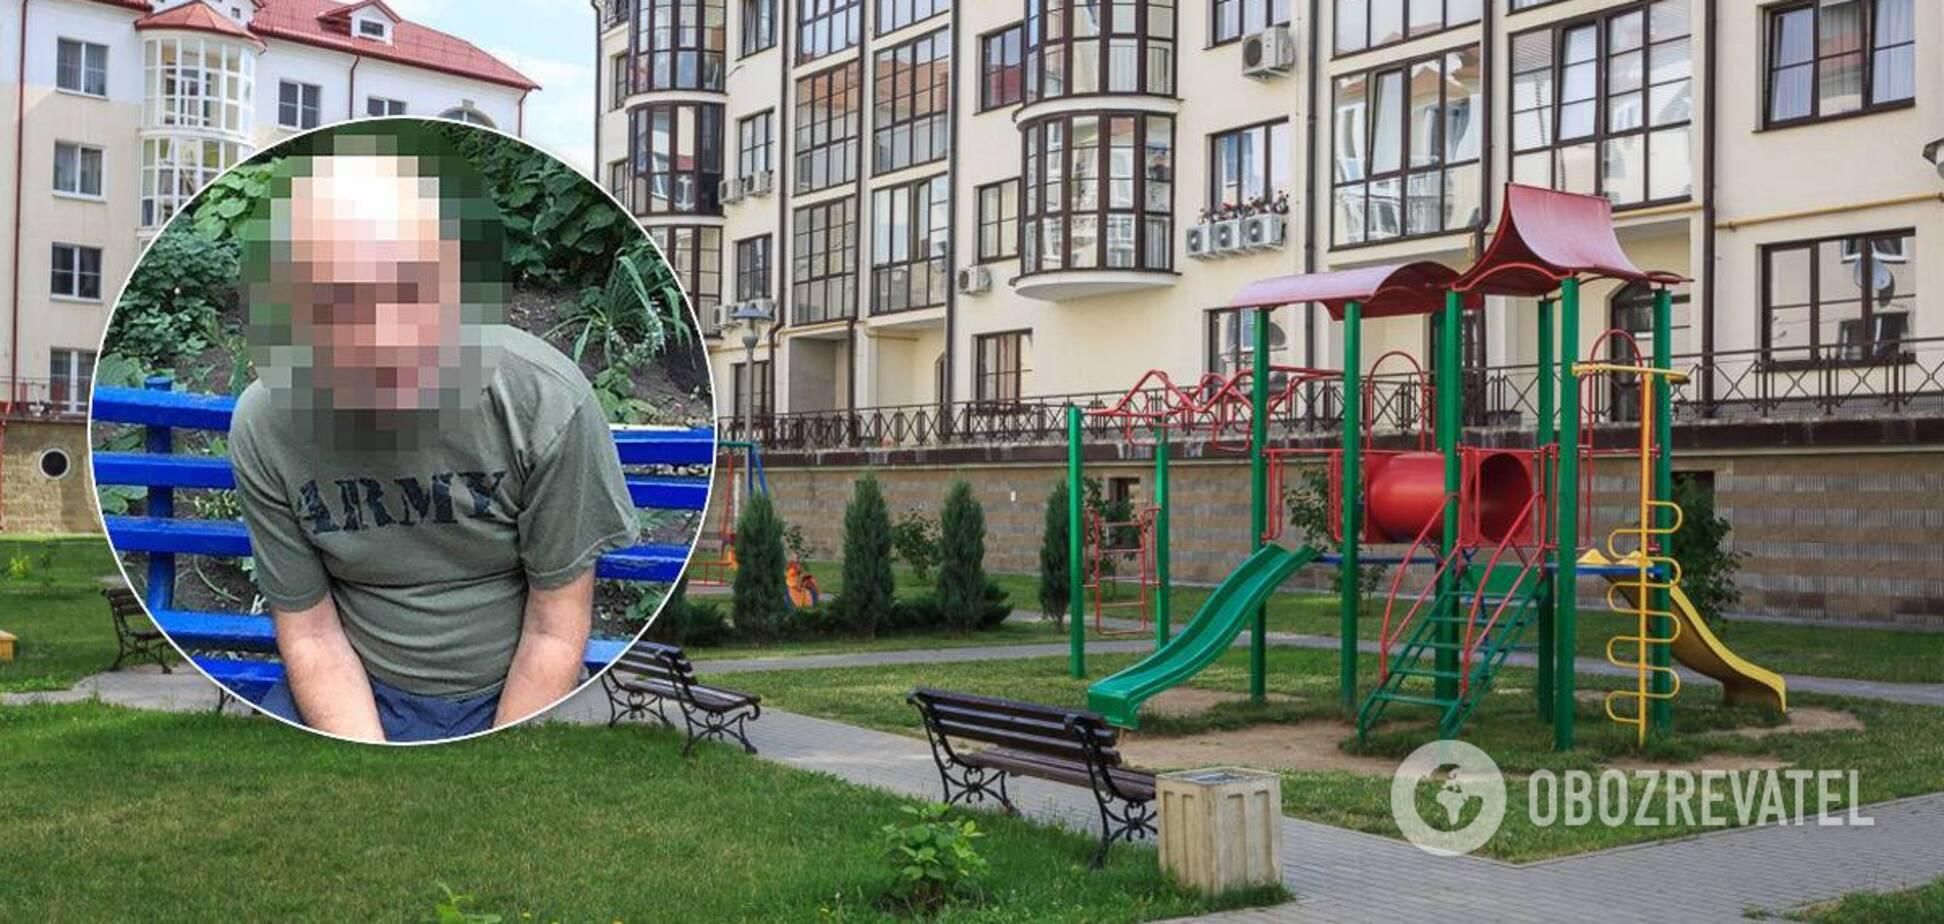 ВБердянске мужчина стрелял по детях